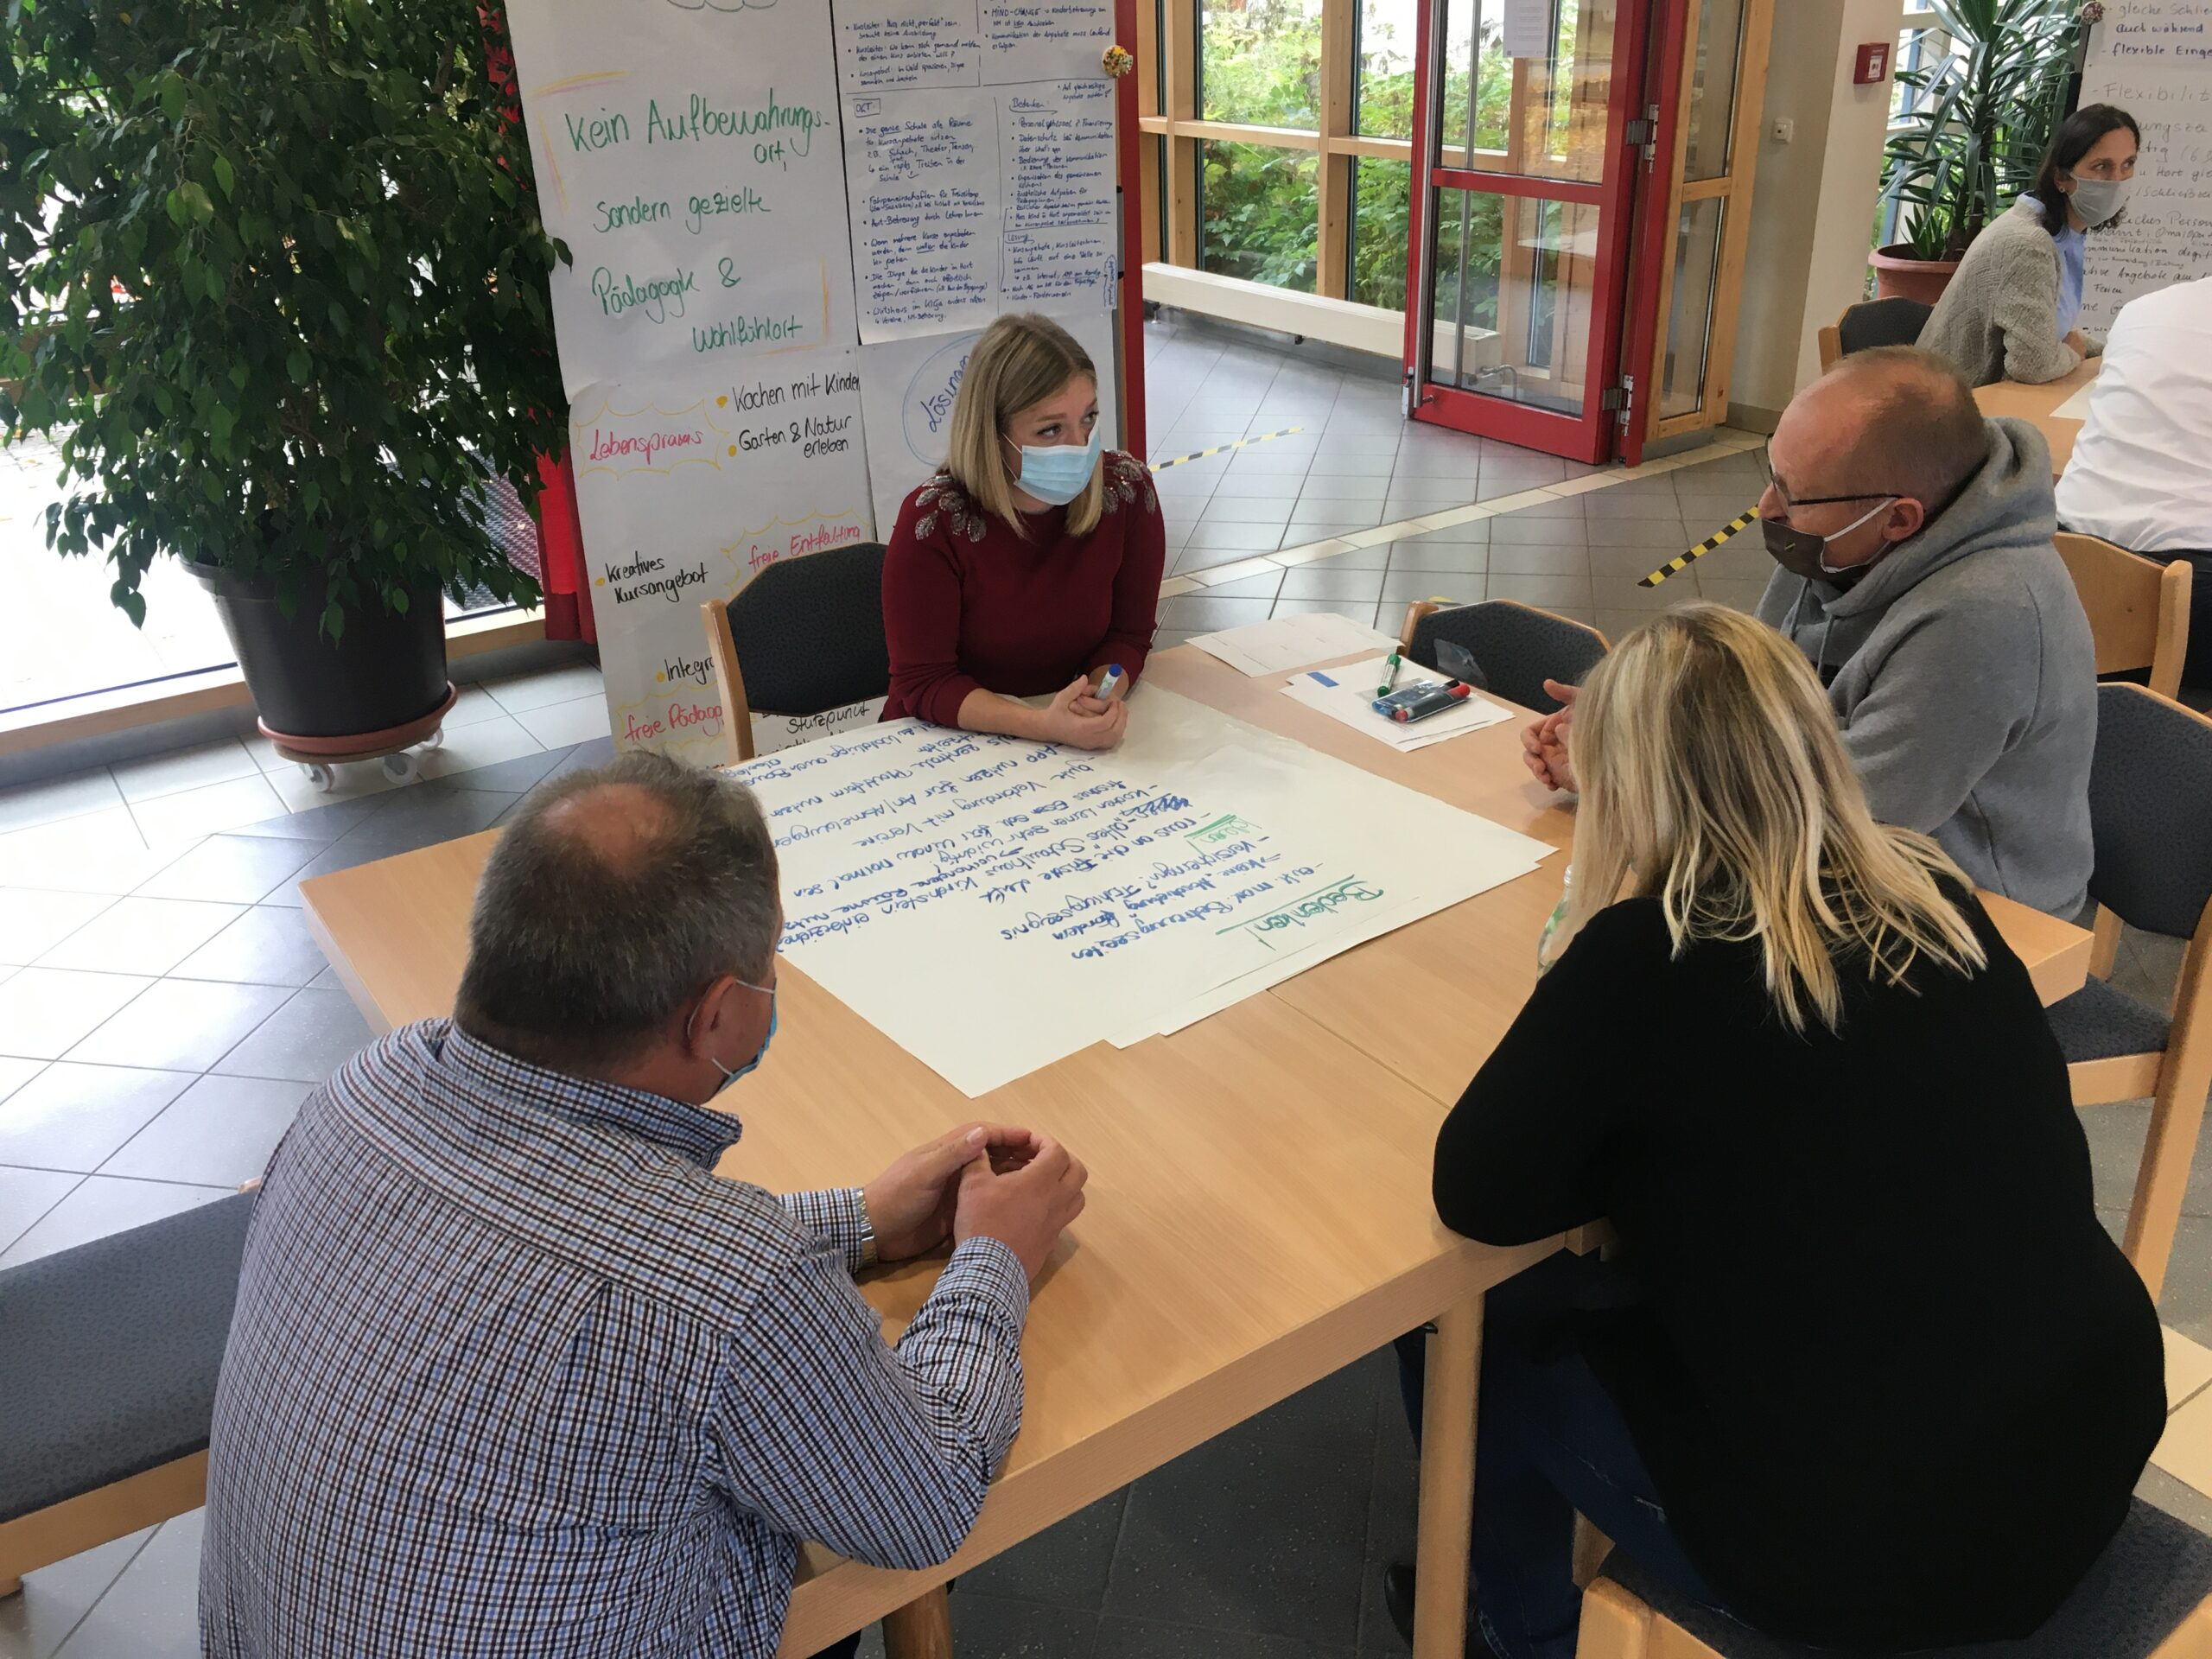 Bürgerrat diskutiert Ergebnisse mit den Gemeinderäten